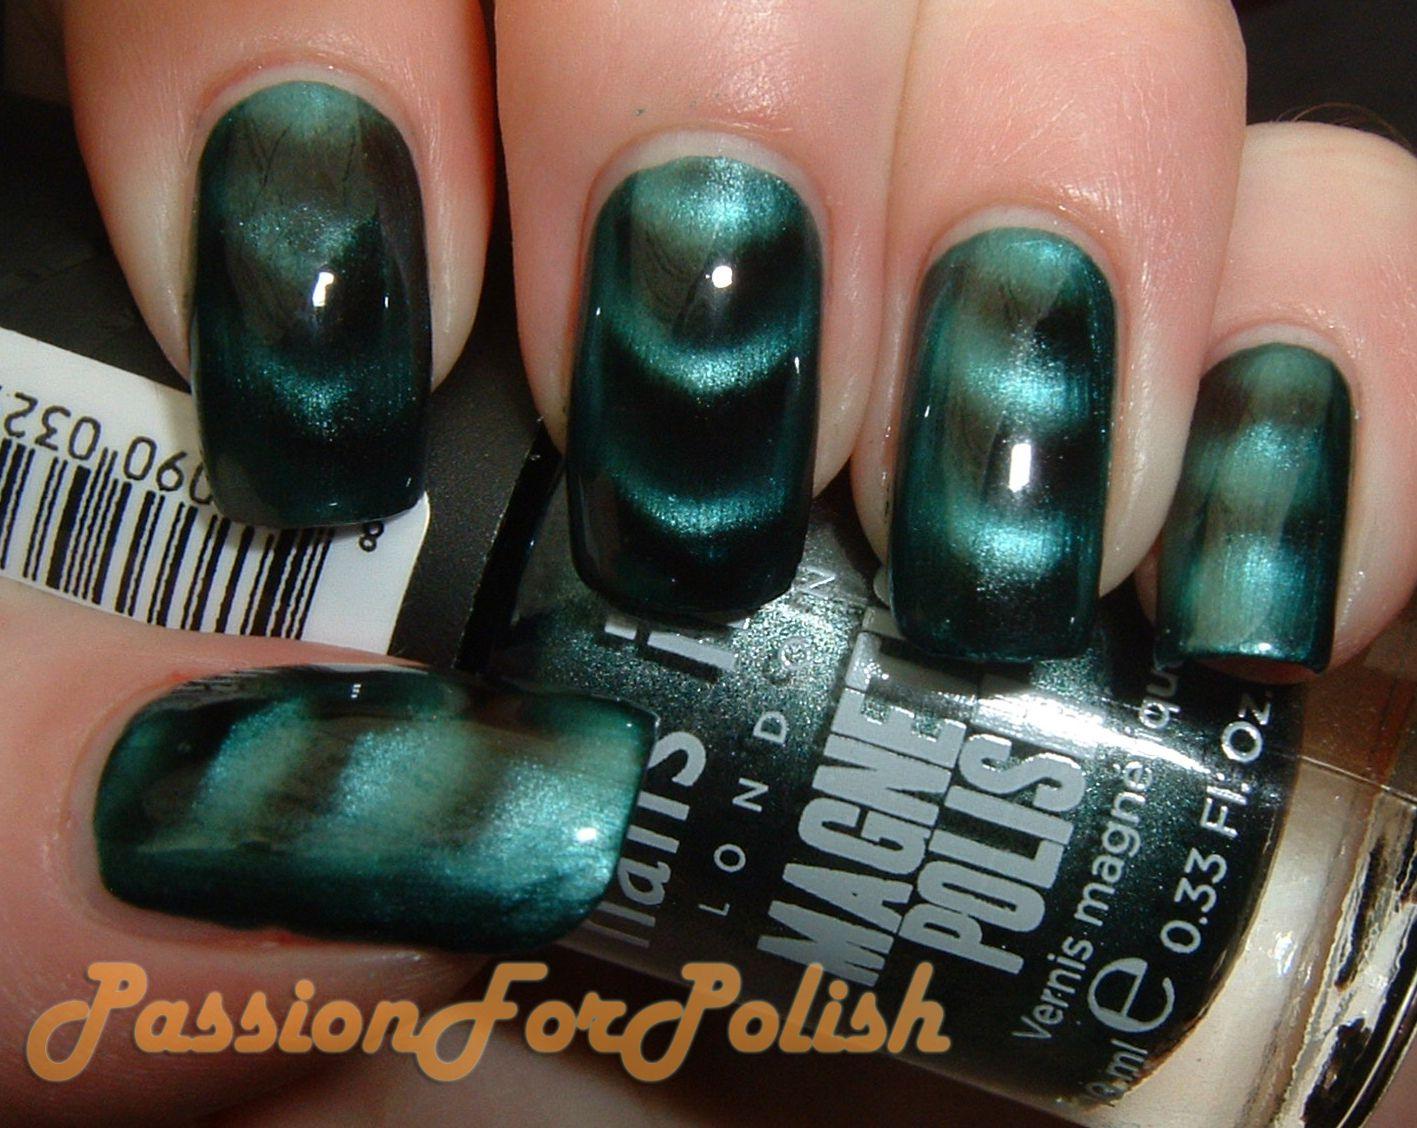 Related image Nail polish, Nails, Nails inc